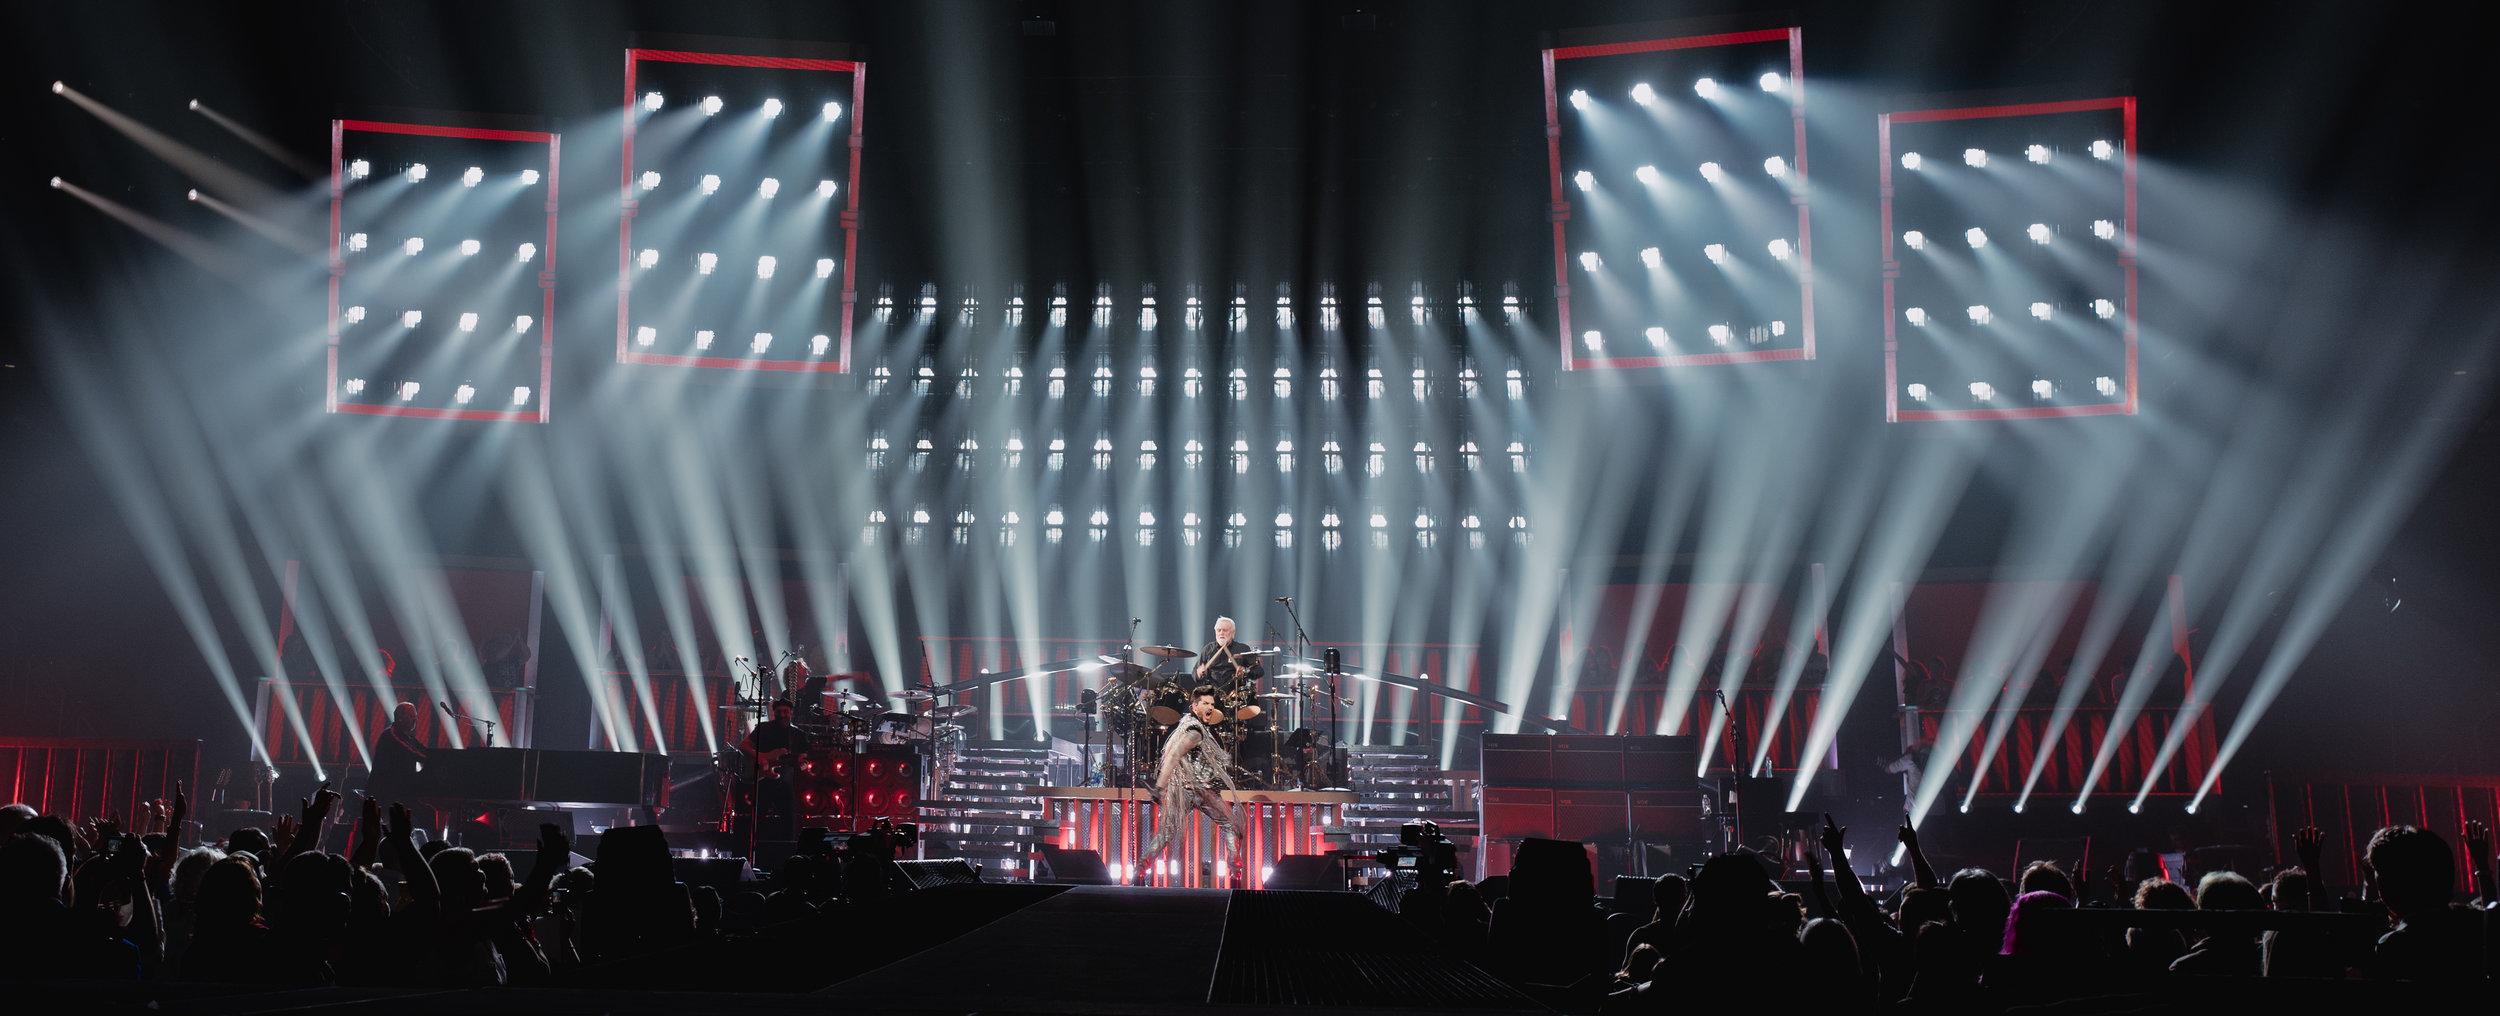 Queen + Adam Lambert, 2019